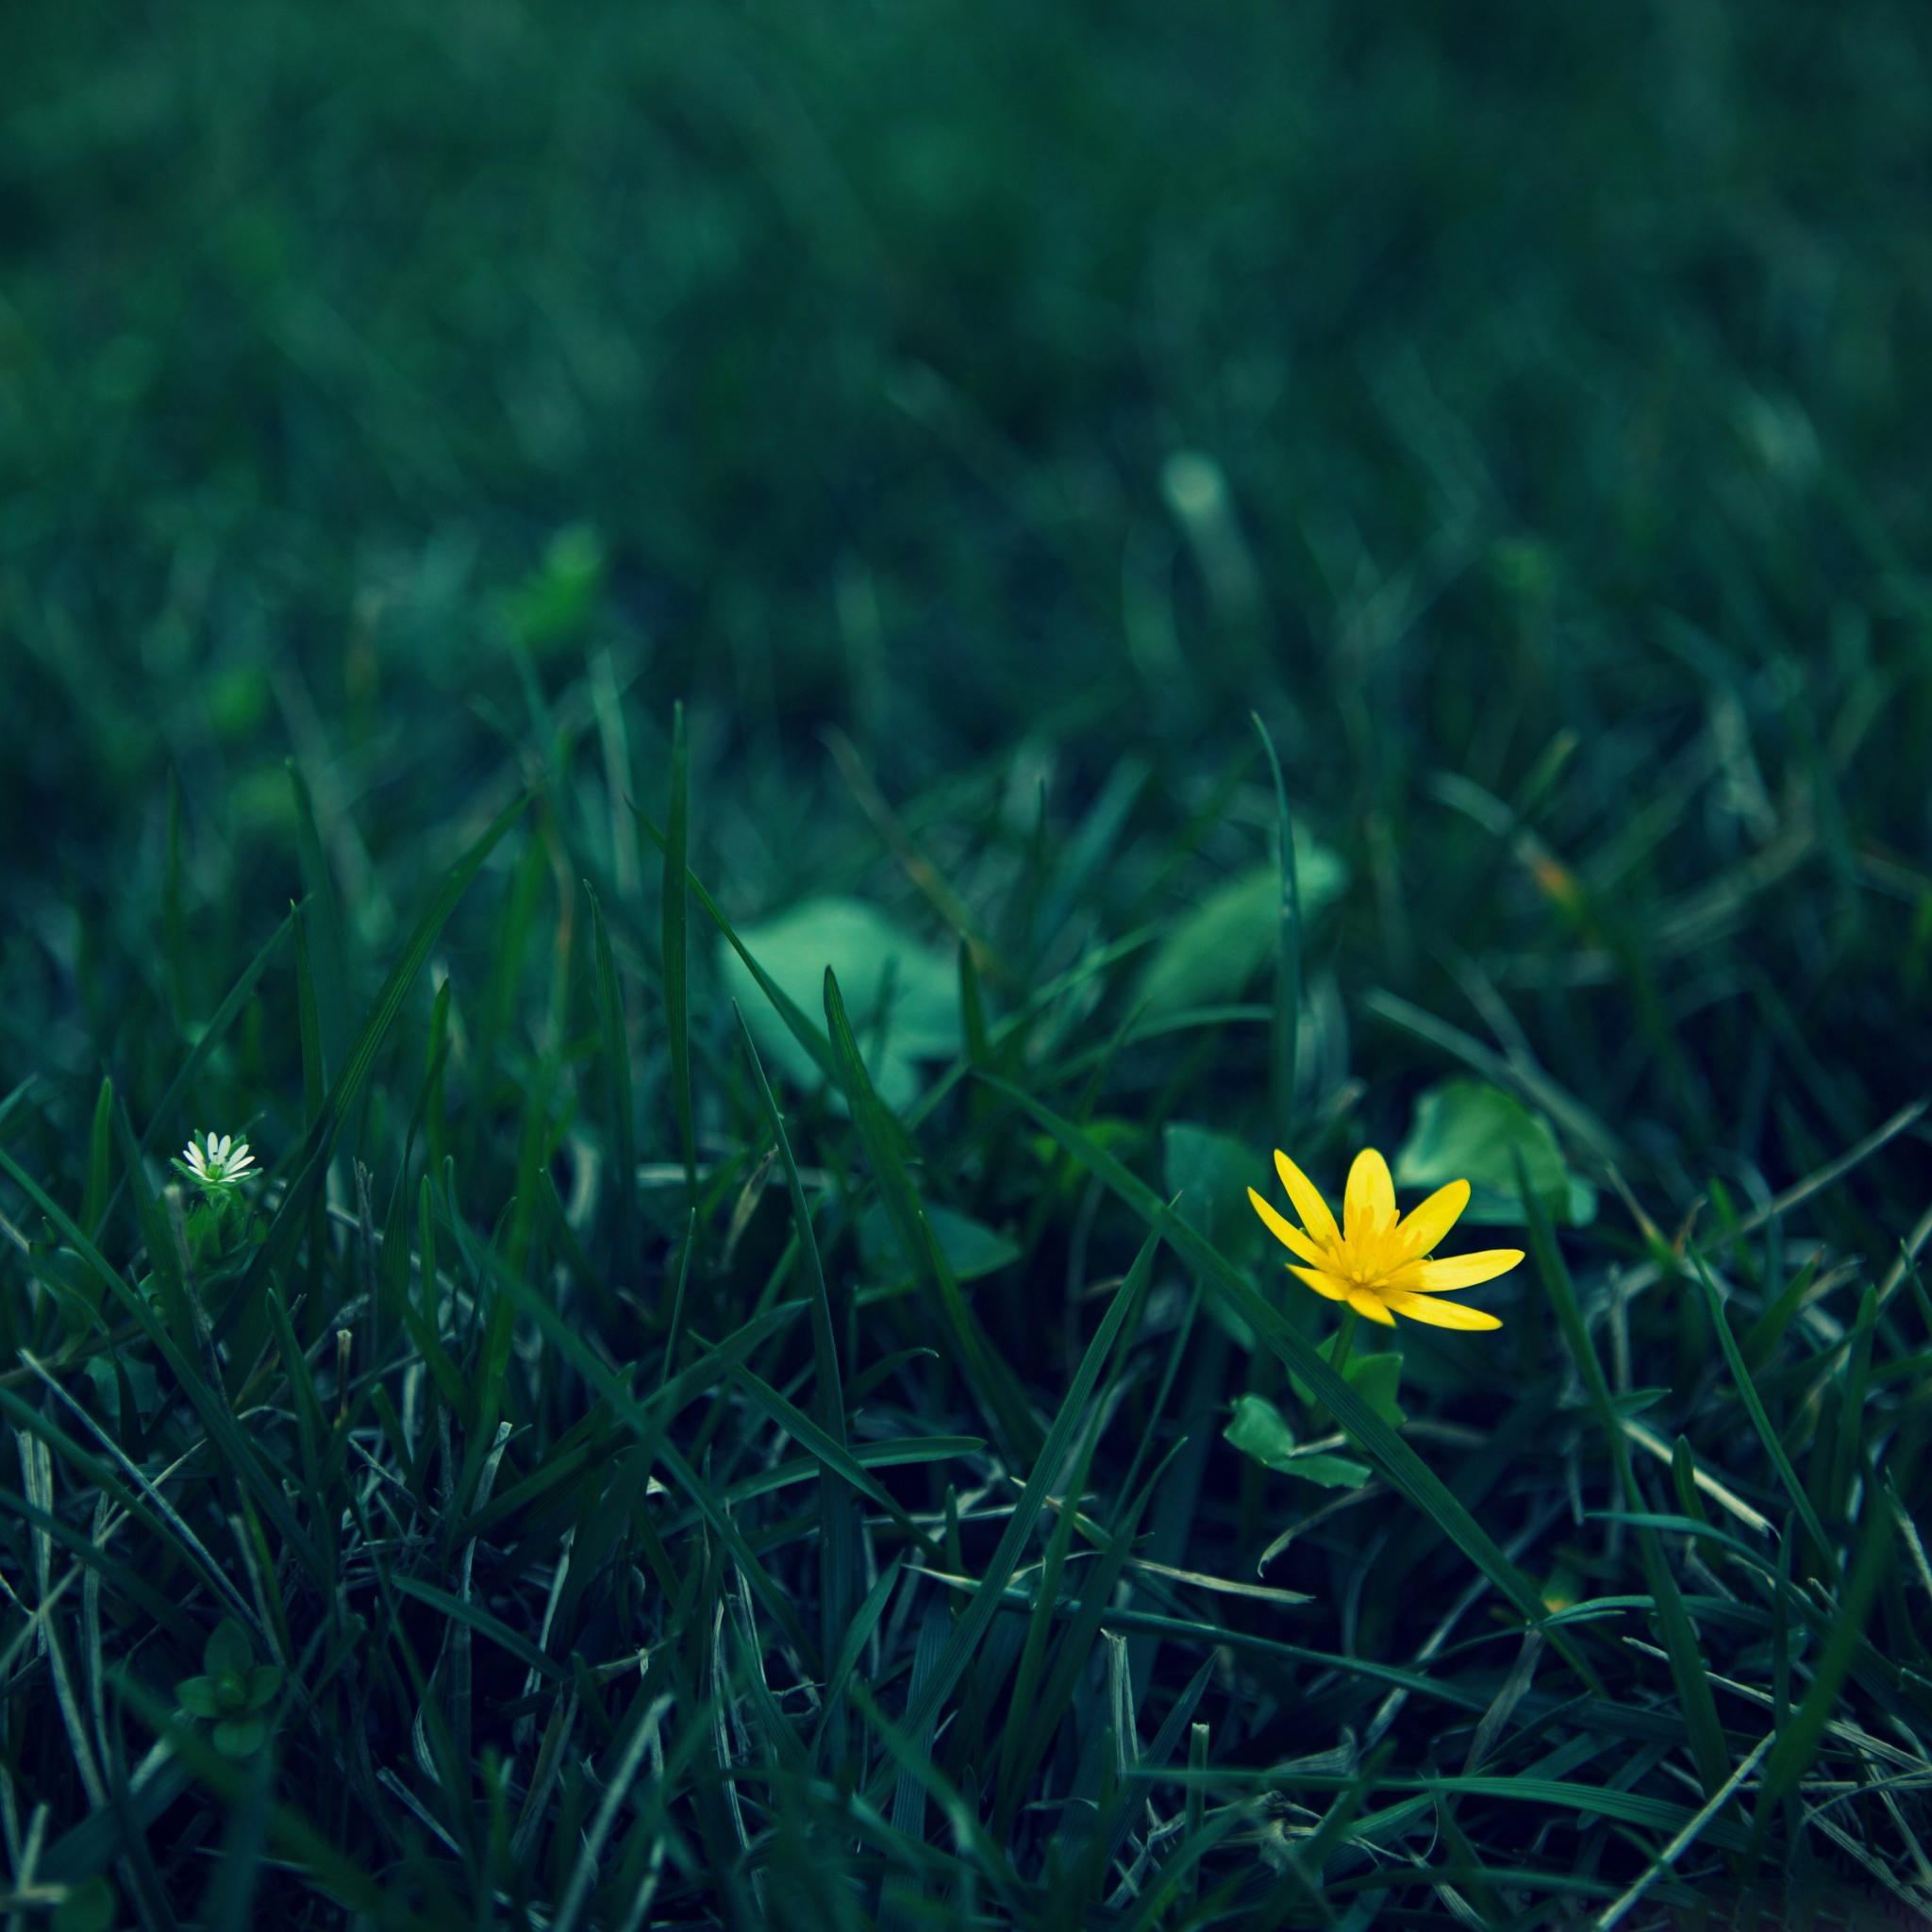 Yellow-FlowerPhotography-3Wallpapers-iPad-Retina